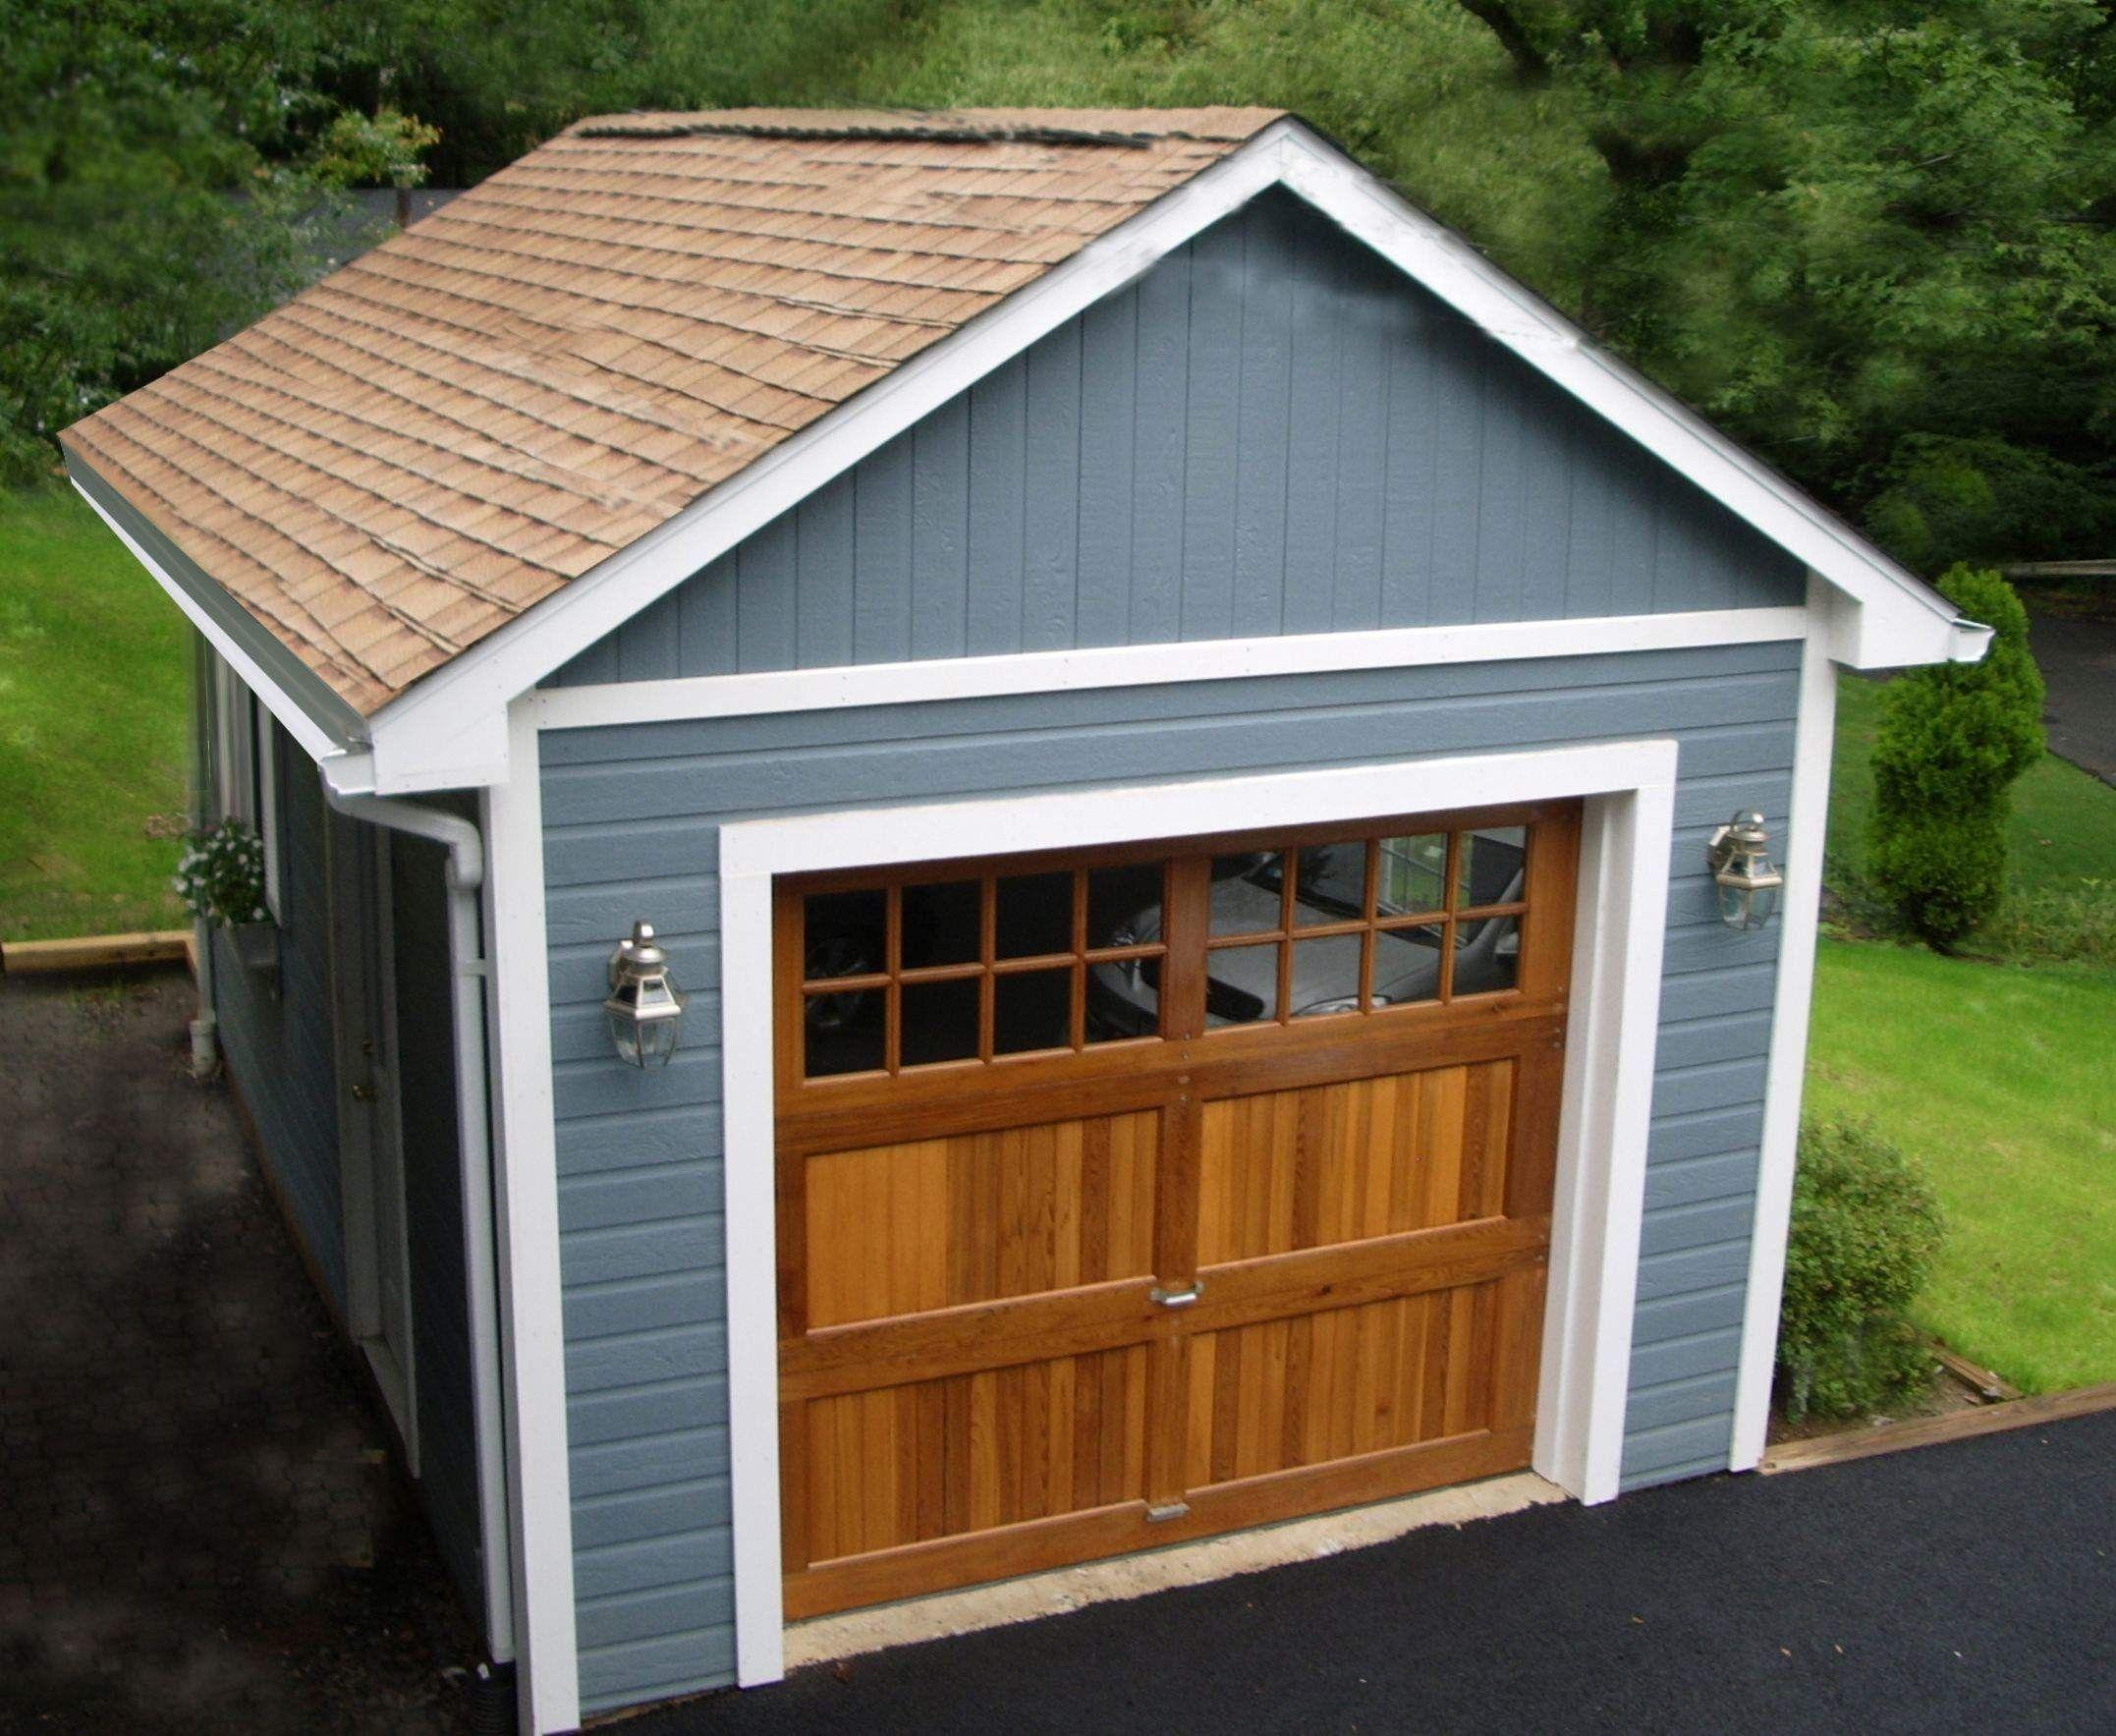 9 Best Detached Garage Ideas For Your Home Page 5 Of 9 In 2020 Garage Door Styles Single Garage Door Garage Design